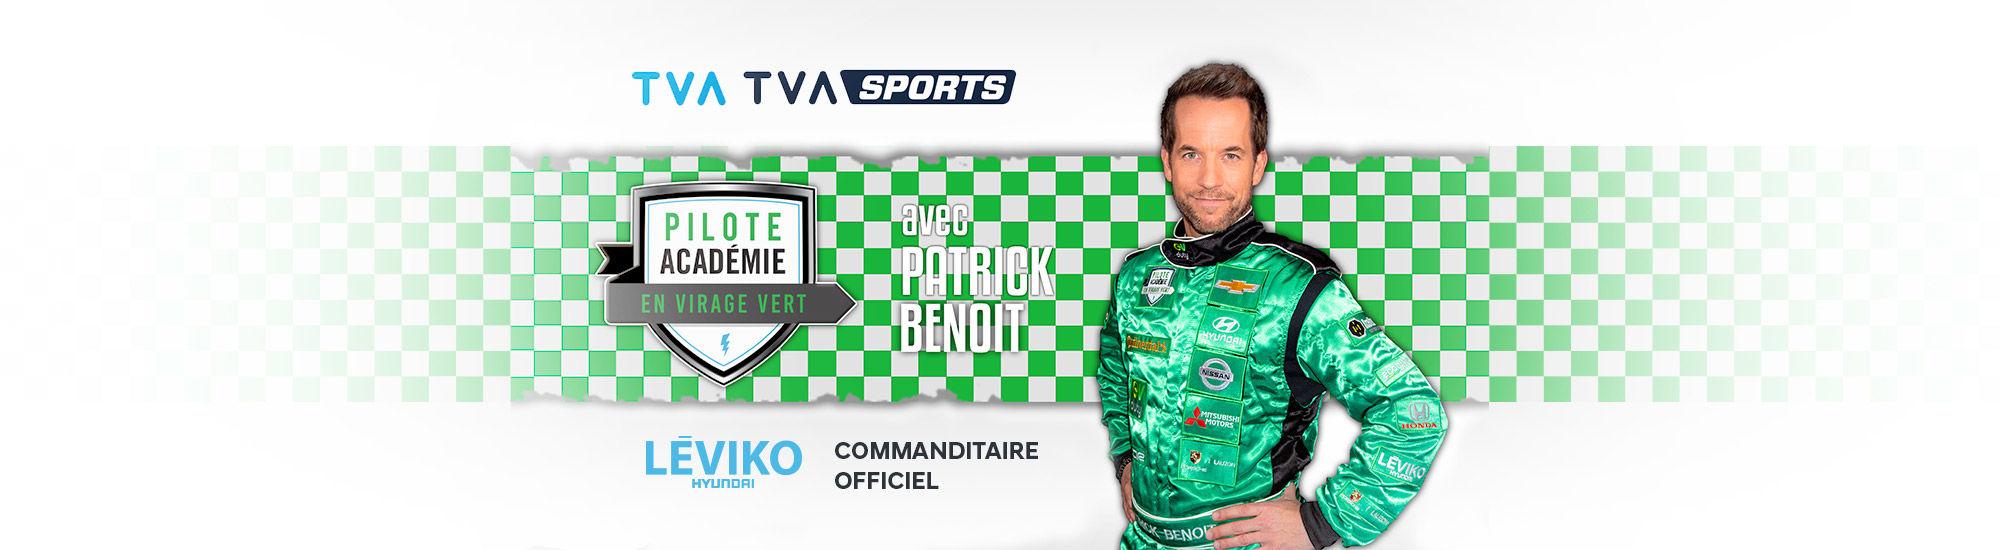 Pilote Académie en Virage Vert 2019